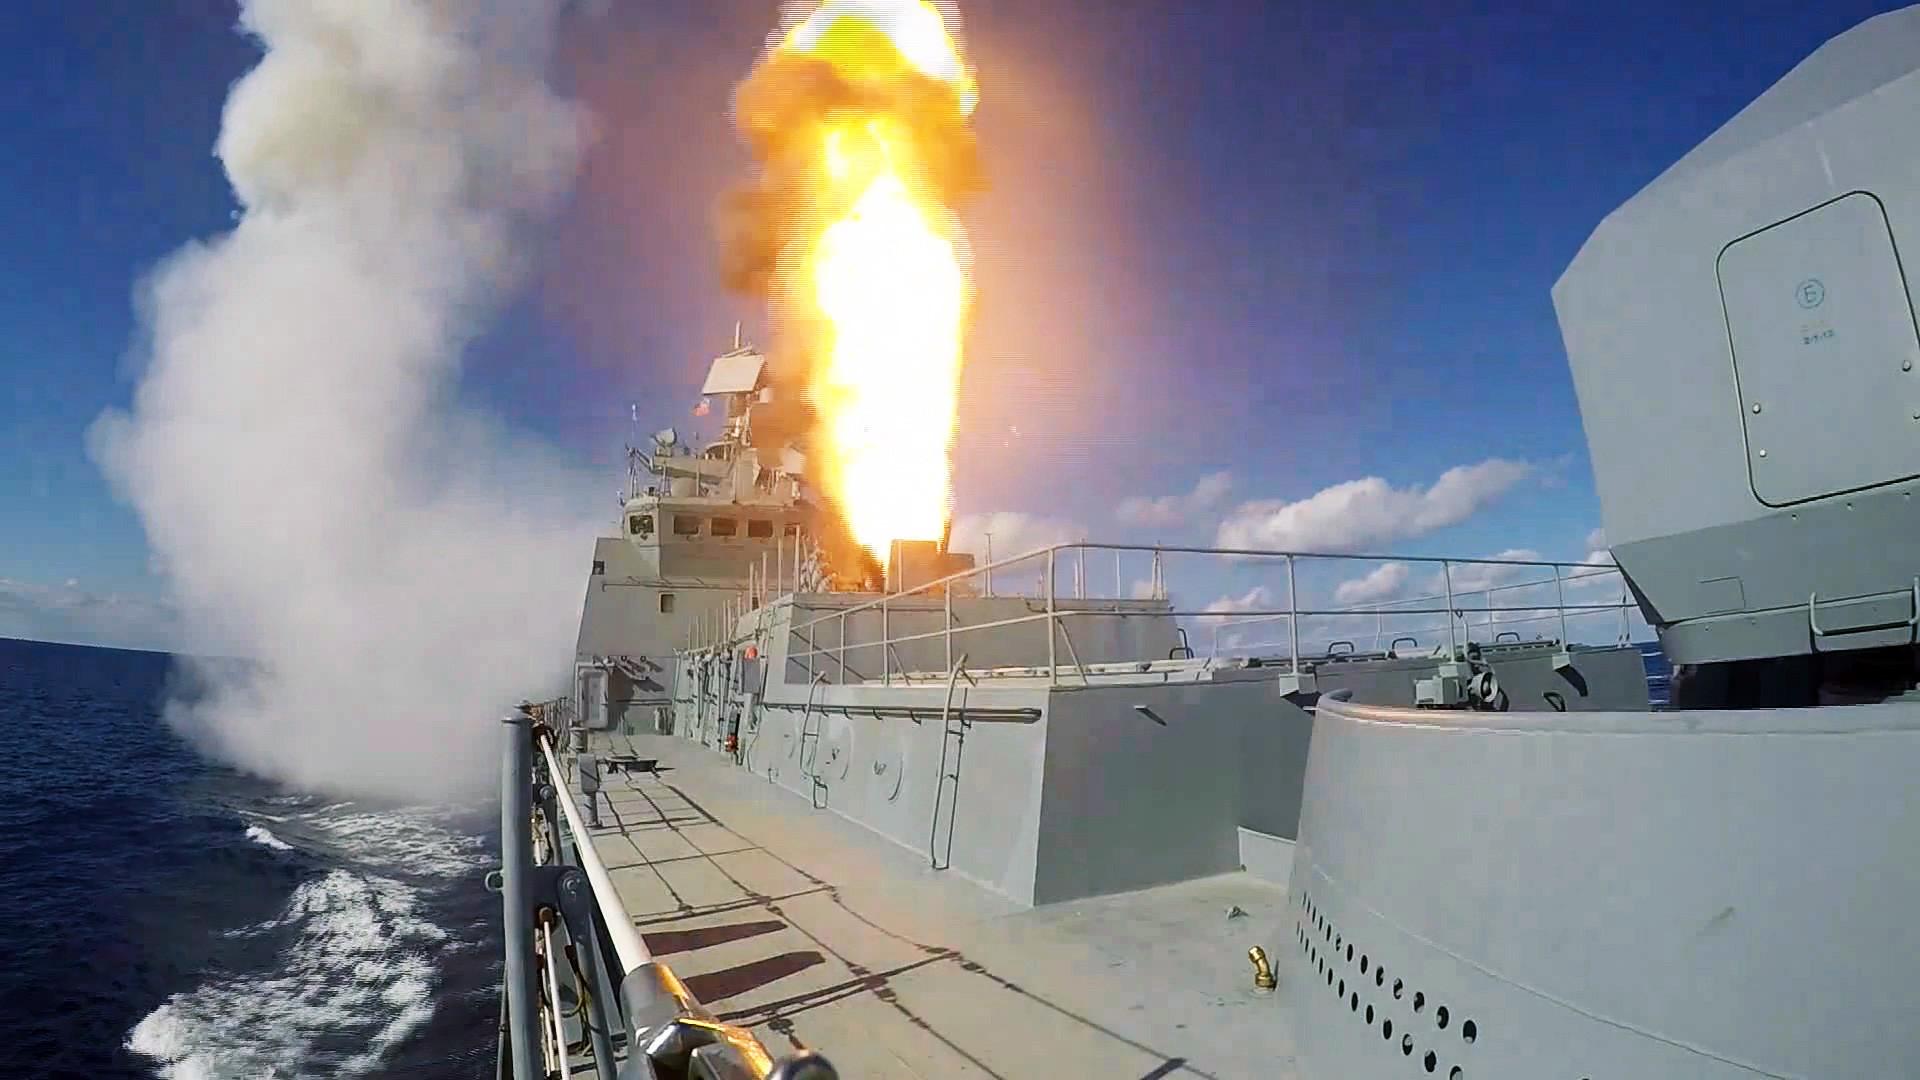 """Патролни брод """"Адмирал Григорович"""" први пут је примењен у војној операцији у Сирији."""